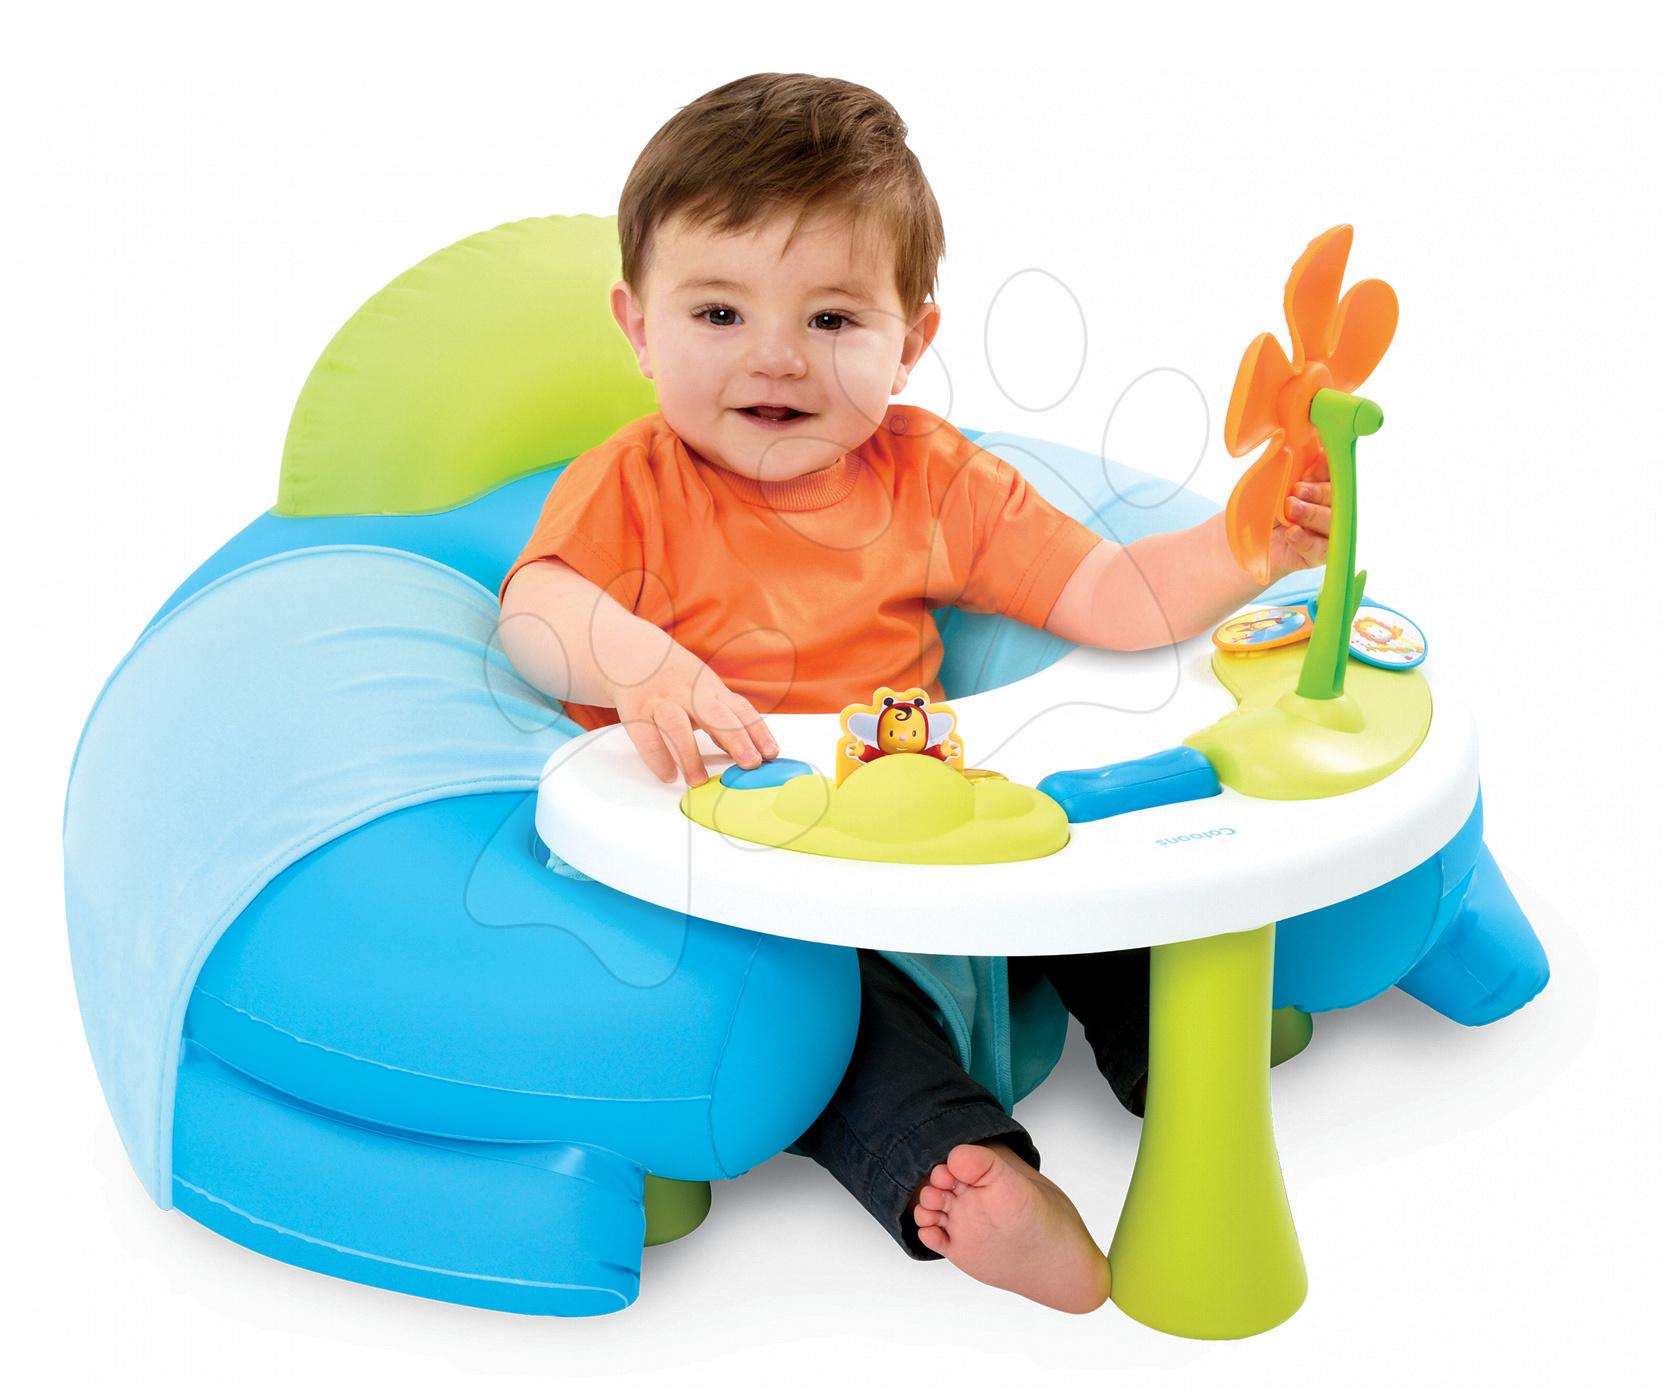 Detské sedačky - Nafukovacie kreslo Cotoons Smoby s didaktickým stolom modré od 6 mes